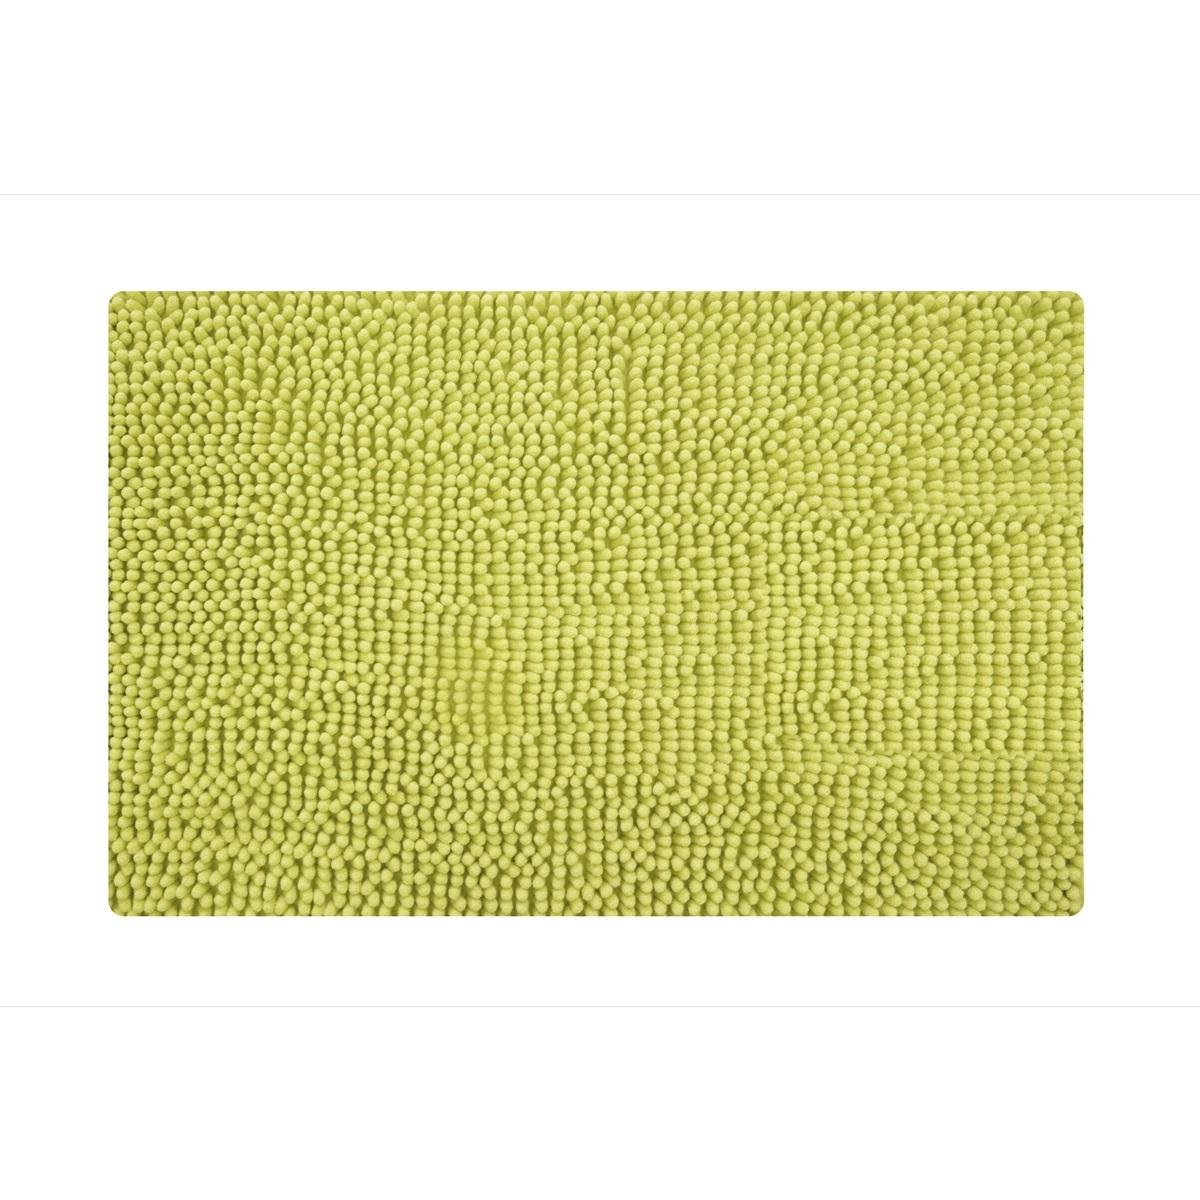 Коврик для ванной Iddis Green Leaf, цвет: зеленый, 50 х 80 см коврик дл ванной iddis leaf mid250a